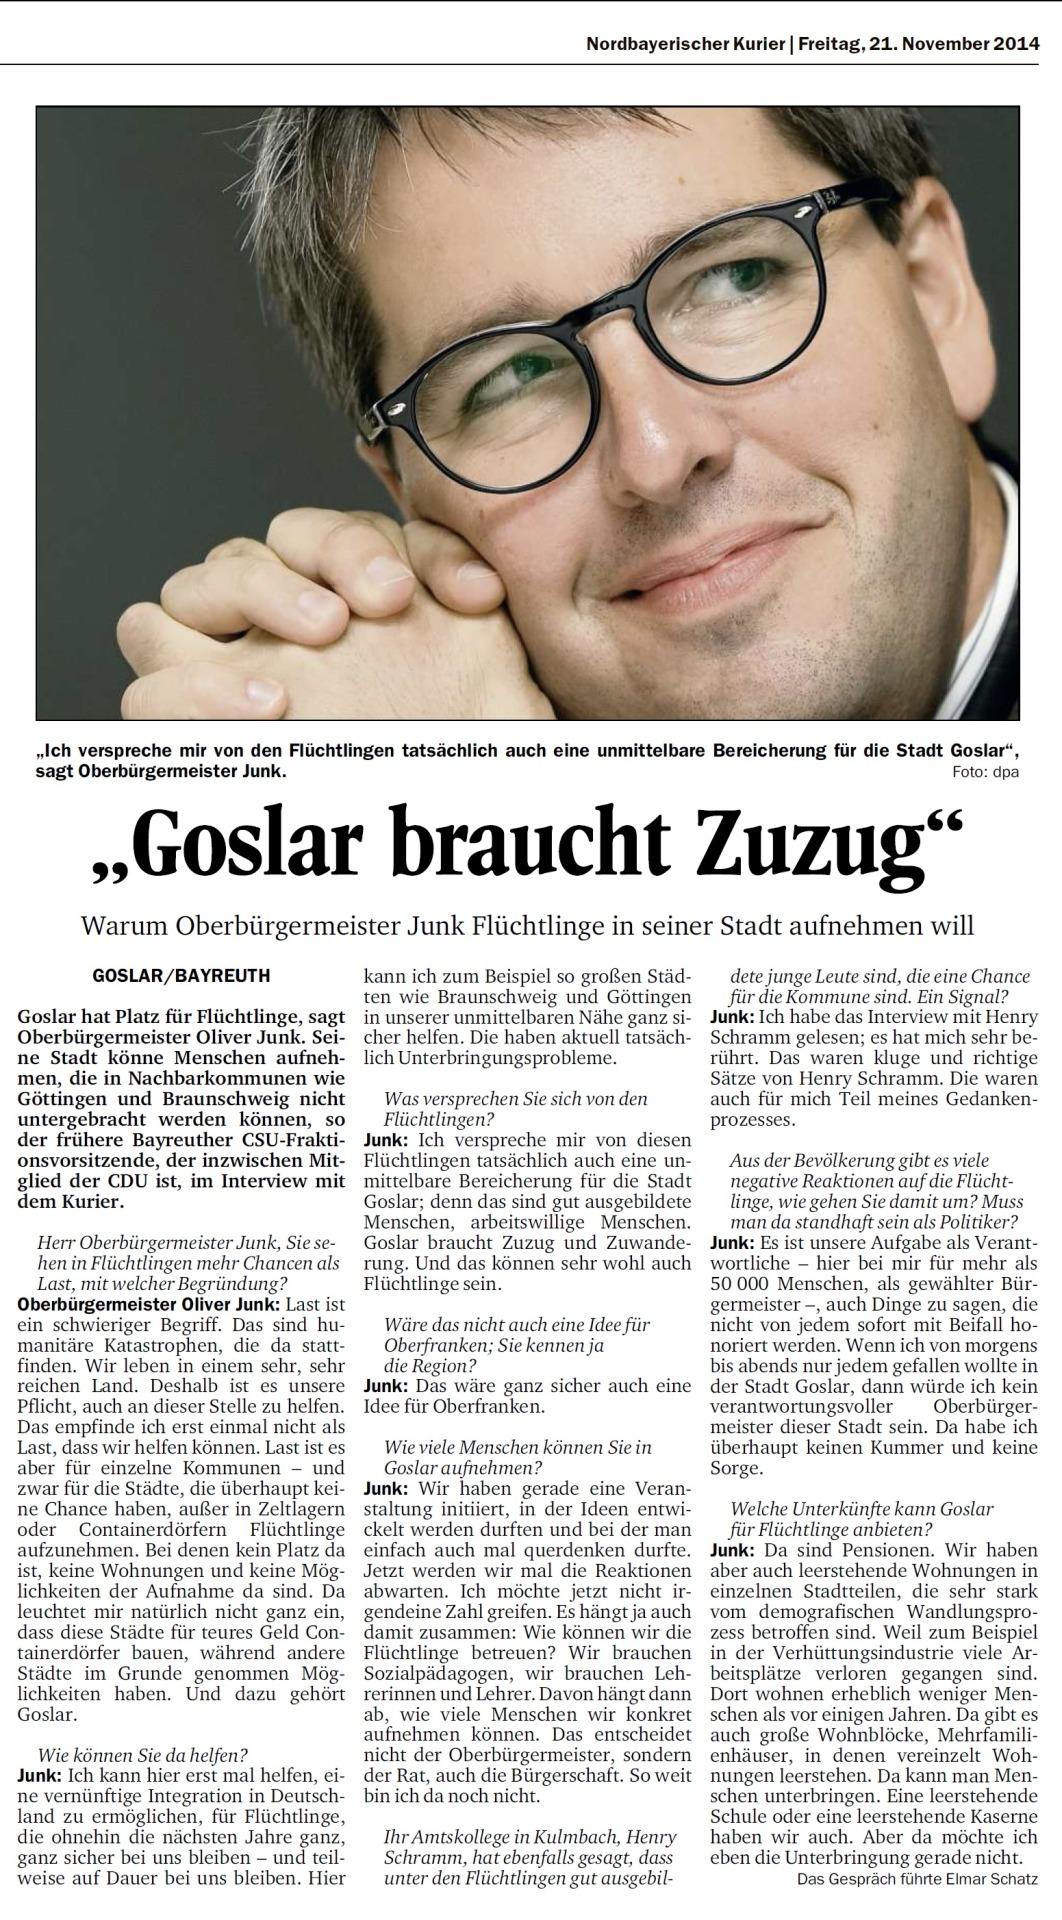 Quelle: Nordbayerischer Kurier, Bayreuth, vom 21.11.2014